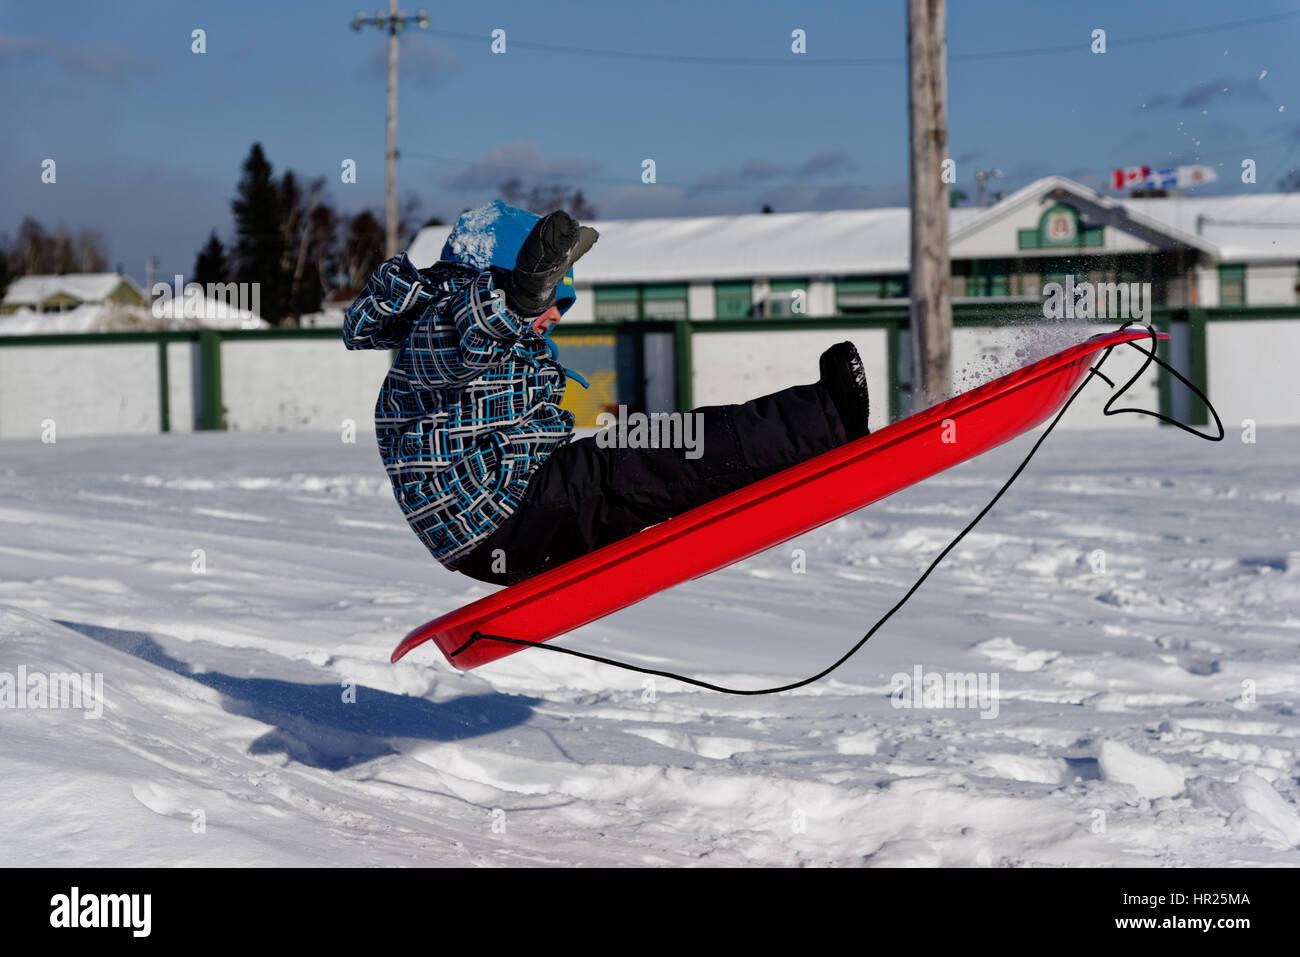 Un giovane ragazzo (4 anni) saltare in aria su una slitta in Quebec inverno Immagini Stock